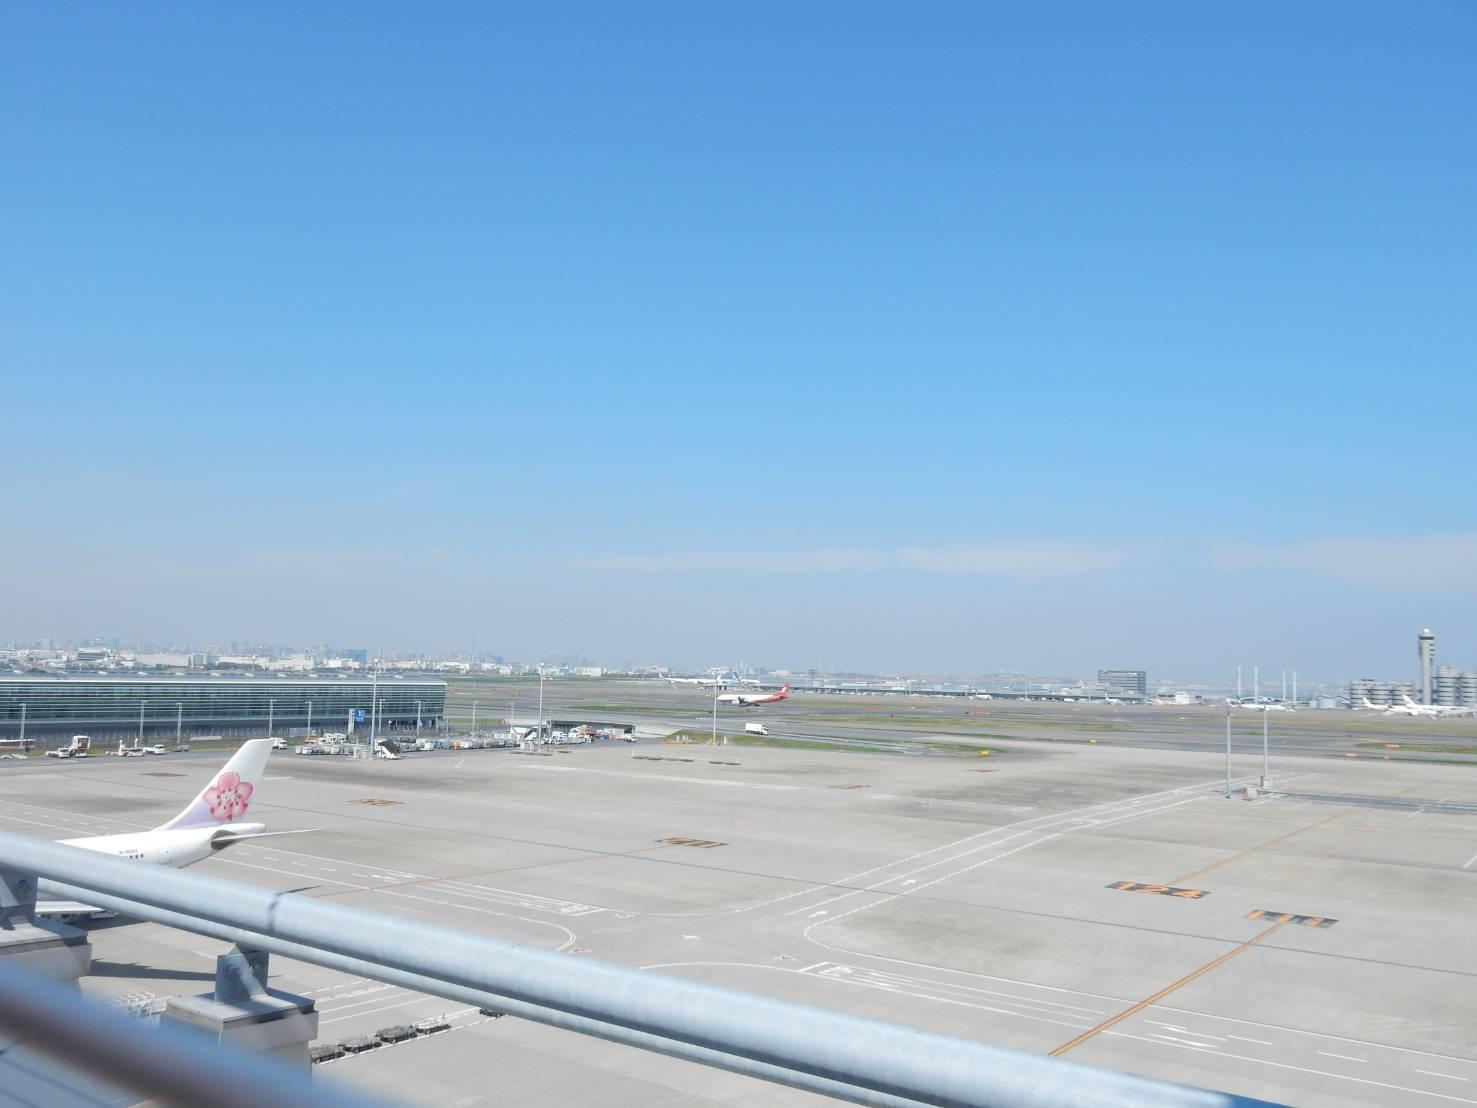 日本全国の空港を一覧でご紹介!国内空港や国際空港の規模には違いがある?